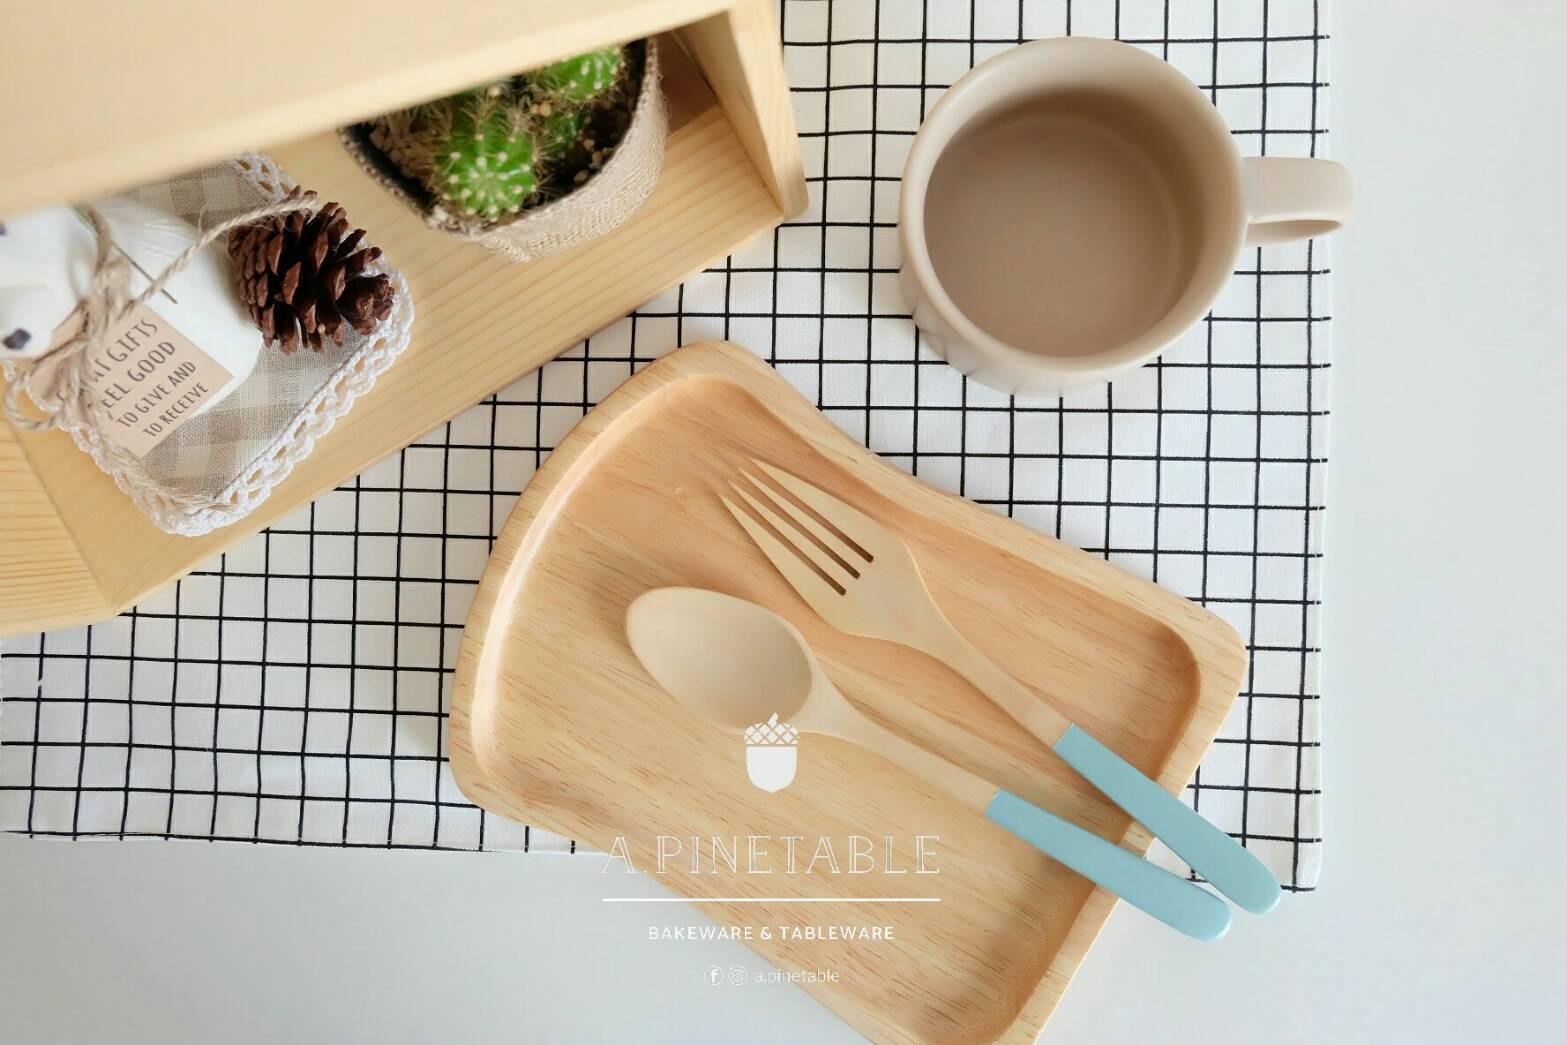 [ อุปกรณ์เครื่องครัว จานไม้ Bread wooden plate - 160 THB ]